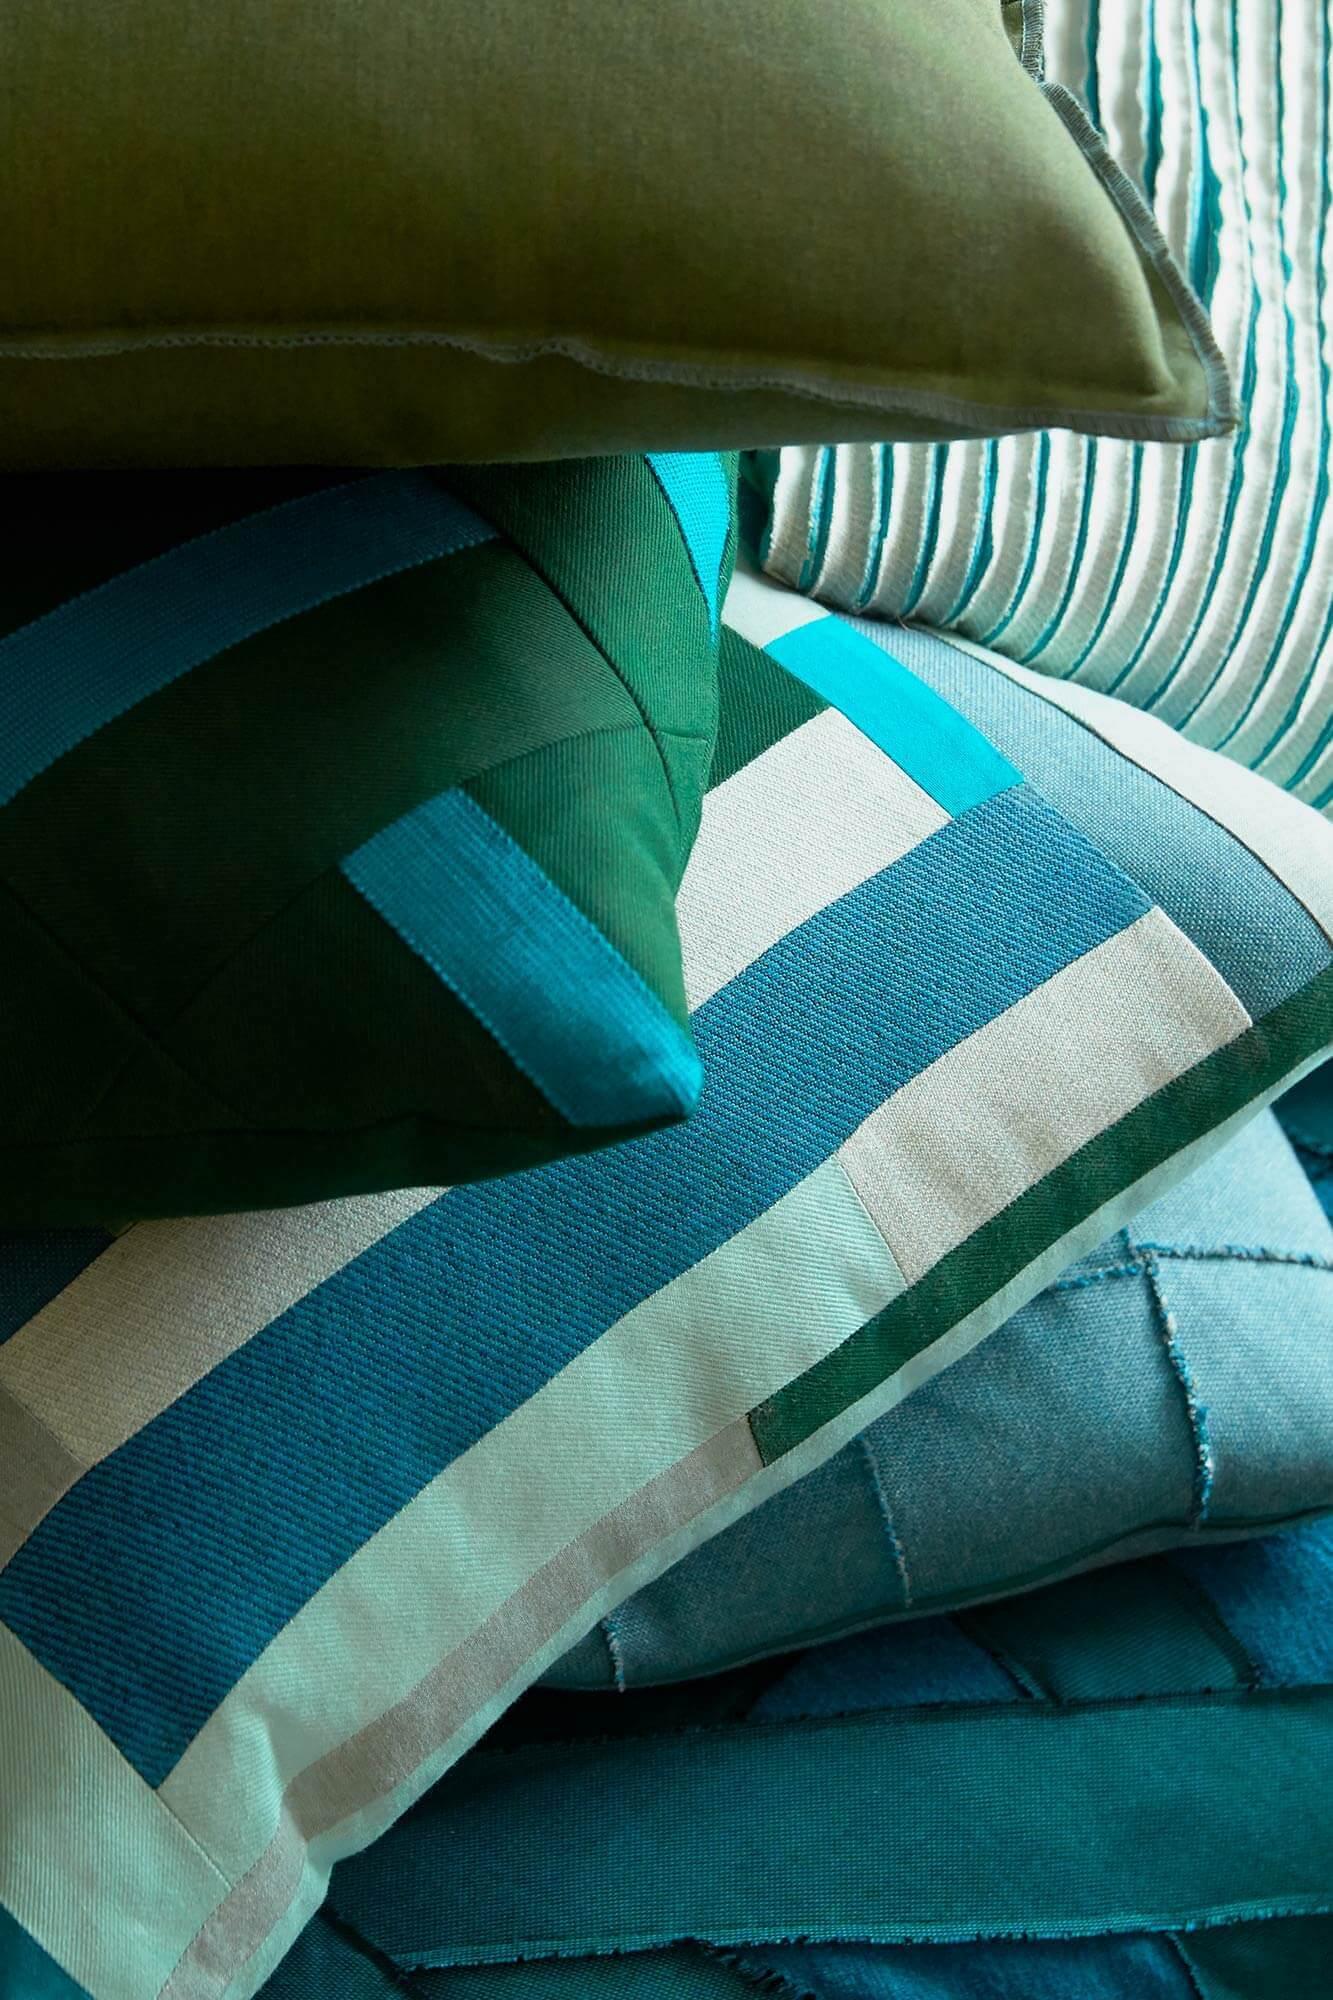 Sunbrella 功能面料可为您打造独特设计的装饰靠垫,无论是亮丽的色系,还是精致的花纹,都能完美体现其优质的奢华纹理和色彩,打造属于您的居家格调